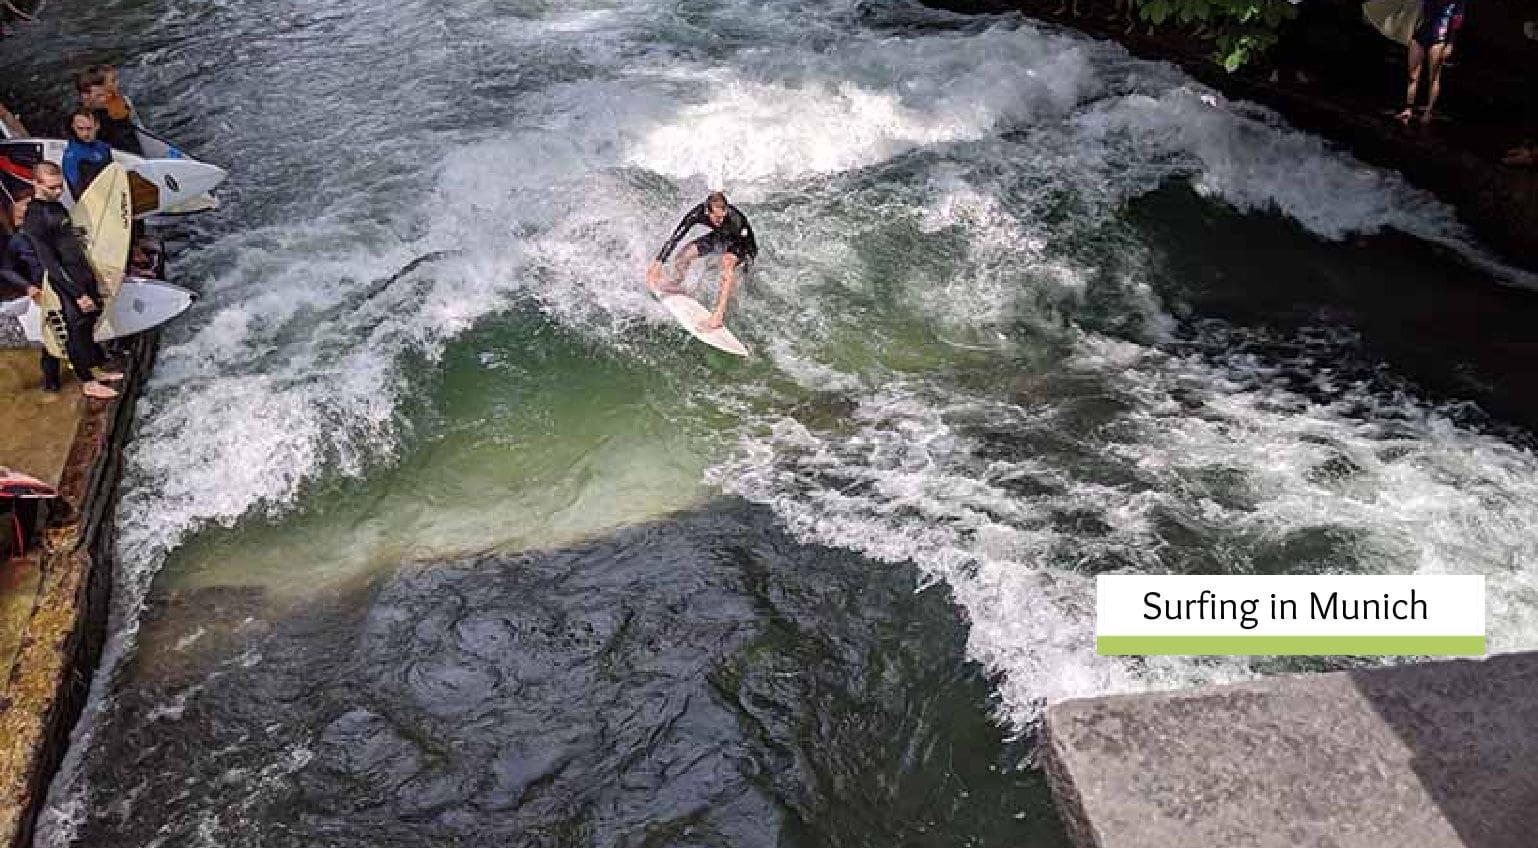 Surfing in Munich -Landlocked Munich becomes a Surfing Mecca!